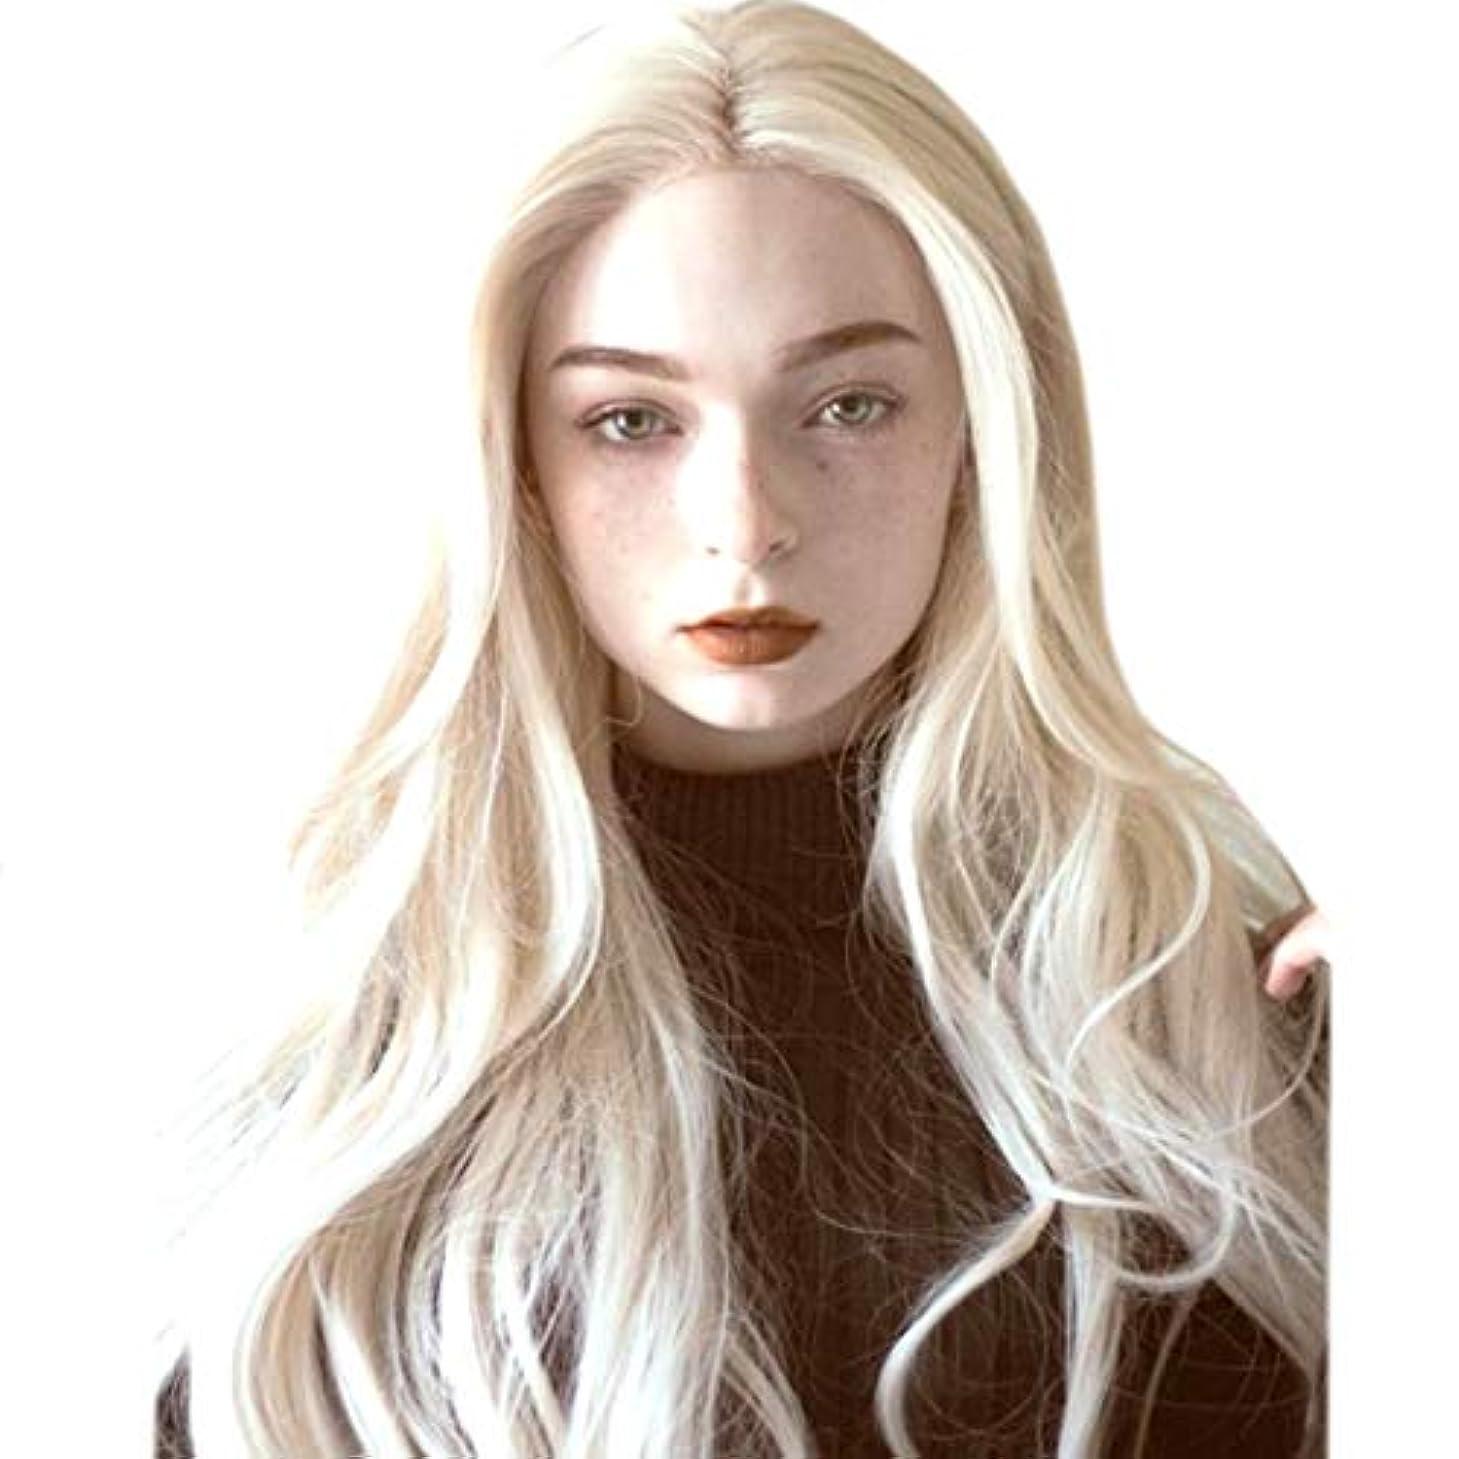 城不器用吸収剤Summerys ロングヘアウィッグロングウェーブのかかった合成のカラフルなコスプレデイリーパーティーウィッグ本物の髪として自然な女性